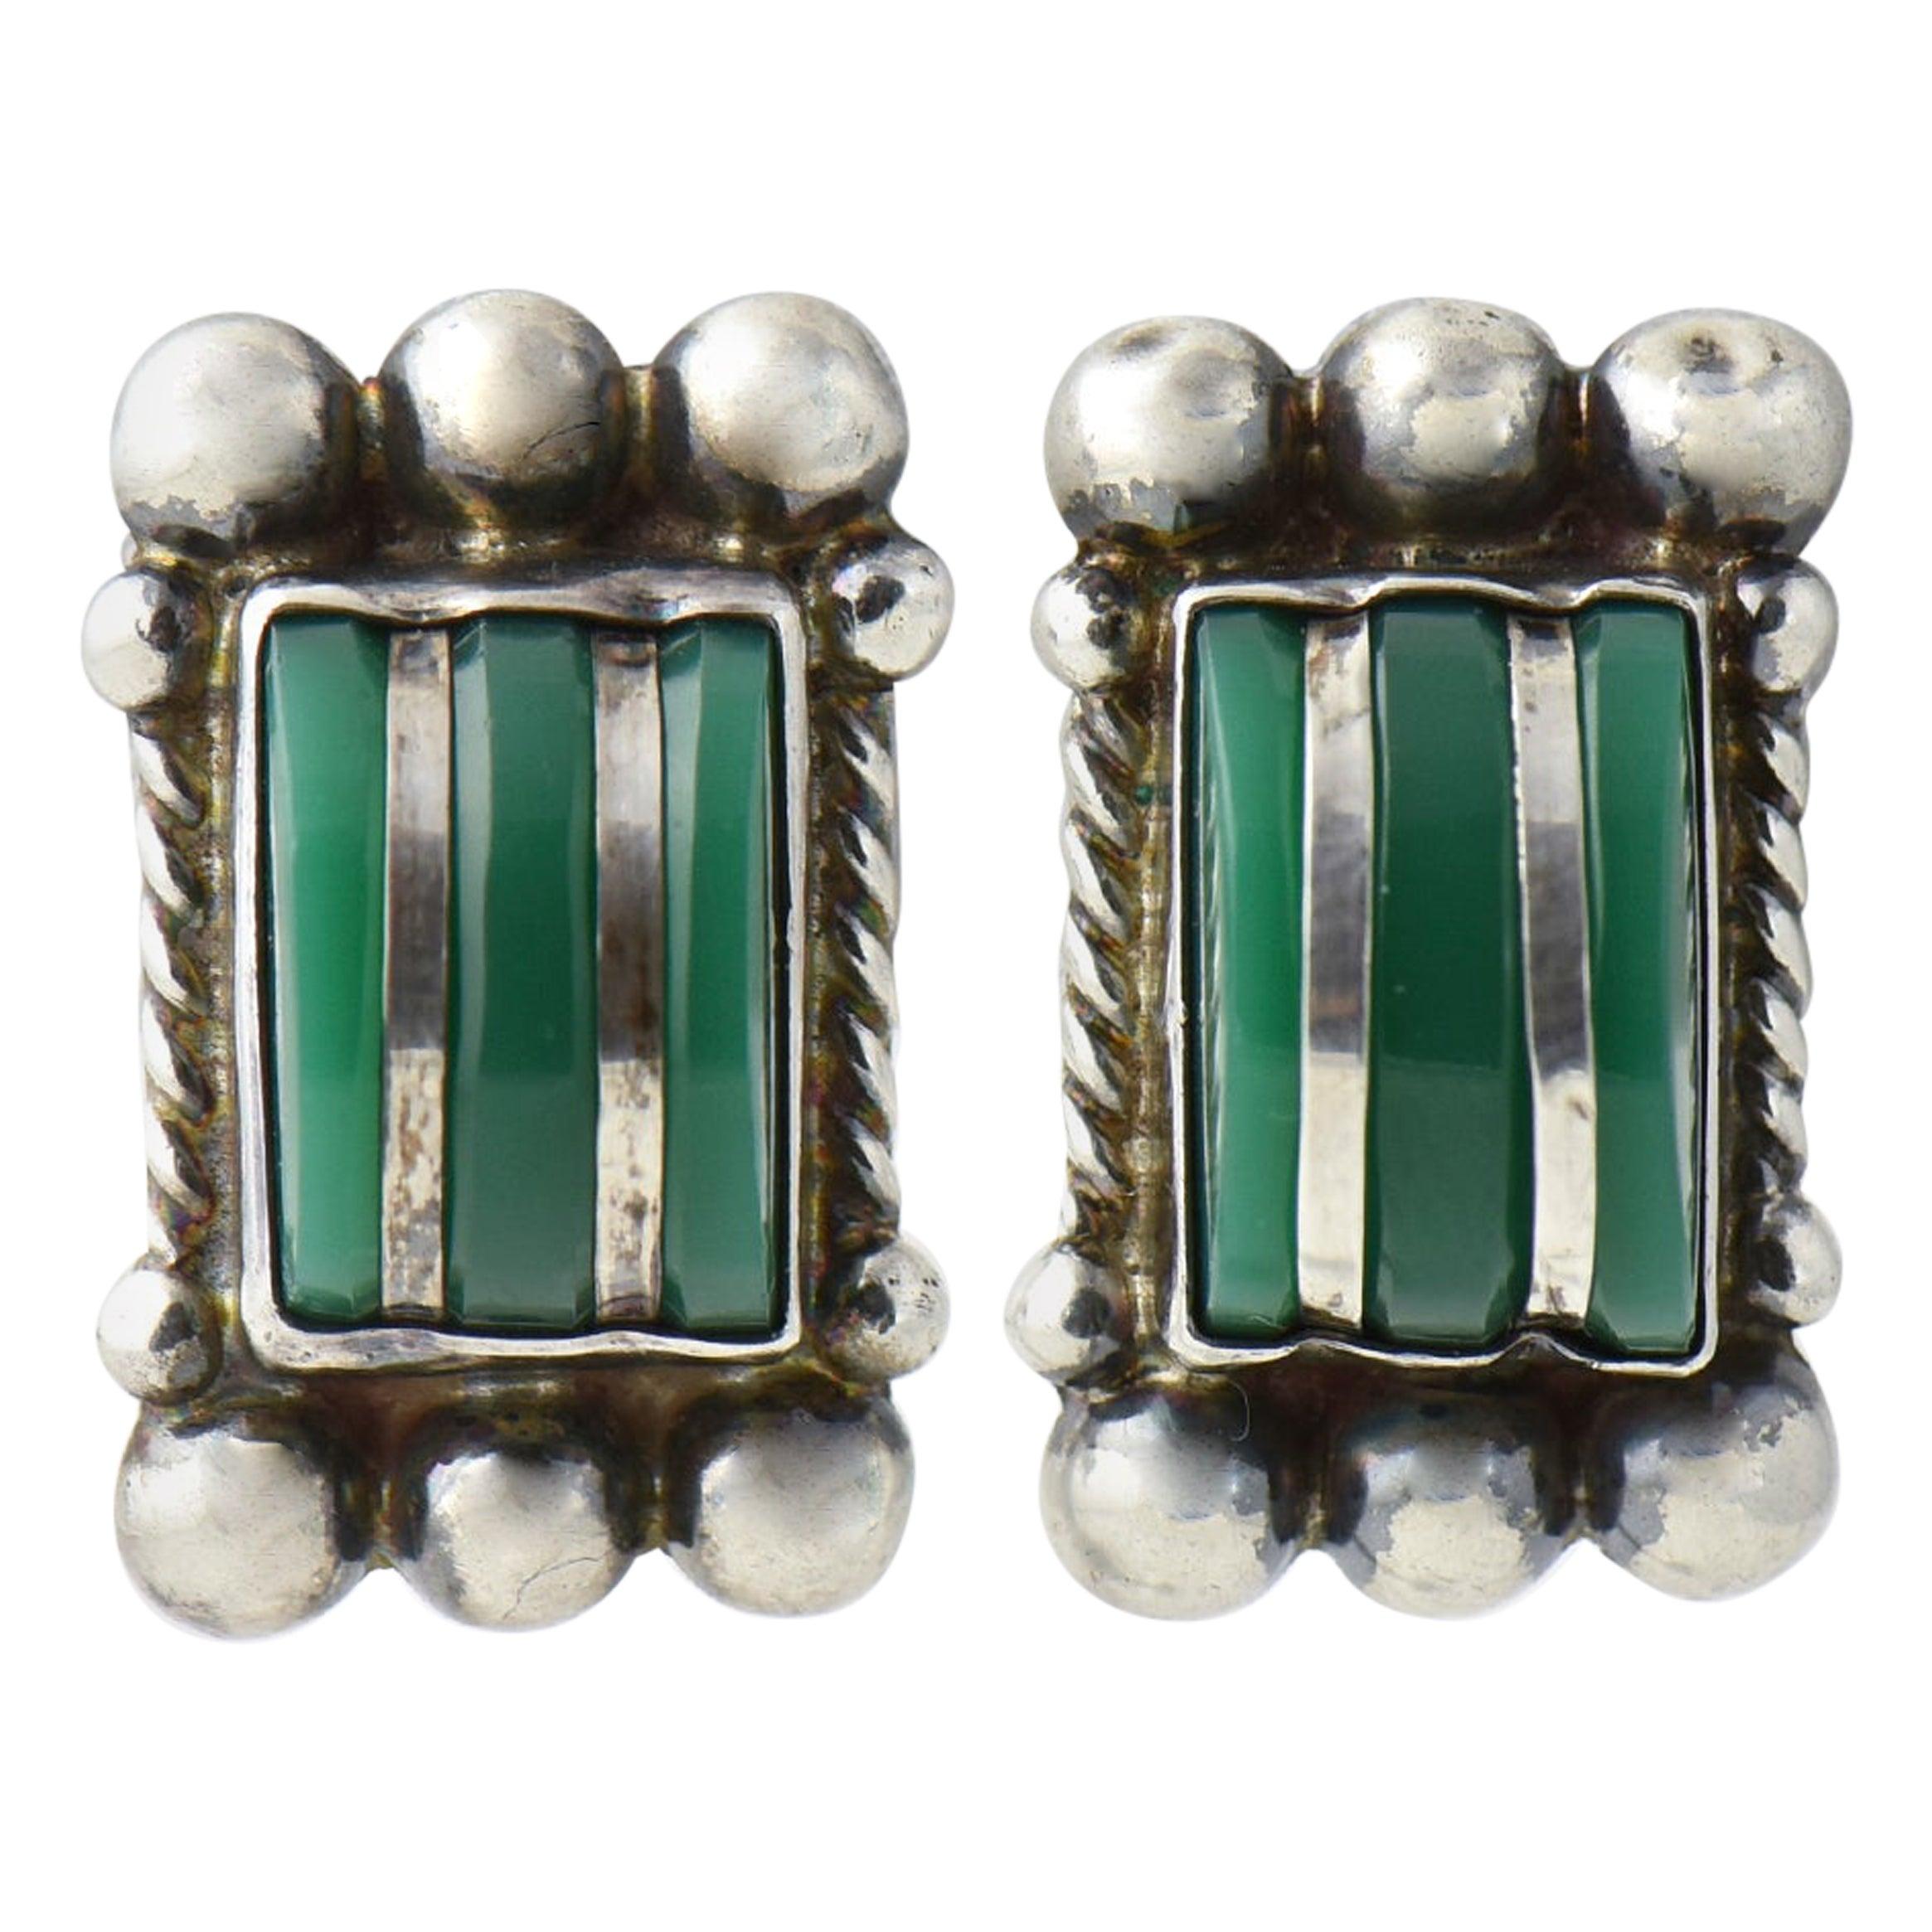 Modernist Green Onyx Sterling Silver Earrings